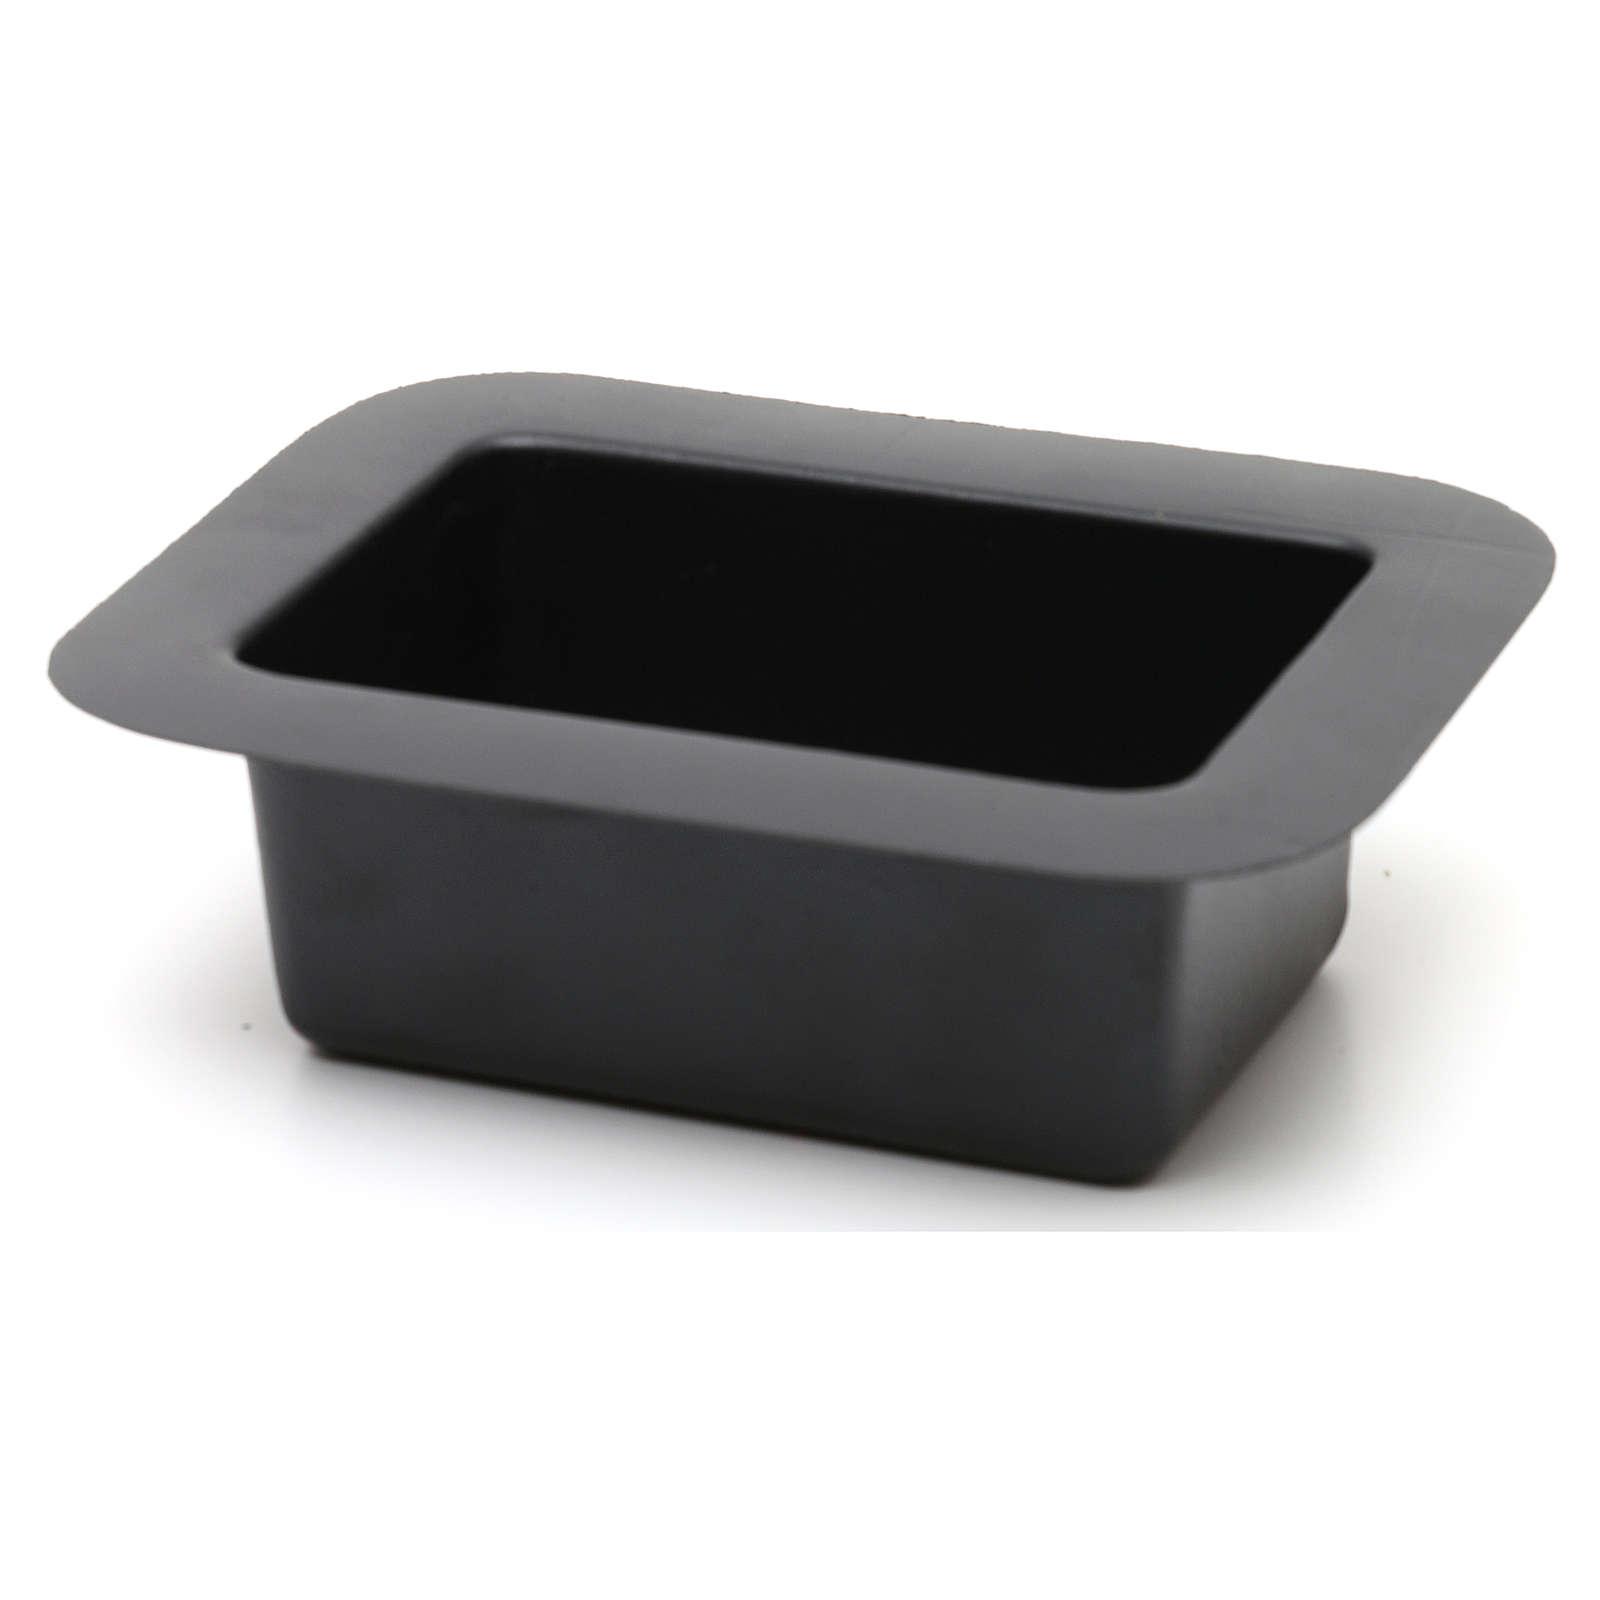 Schwarzes Becken für Brunnen 5x15x10cm 4